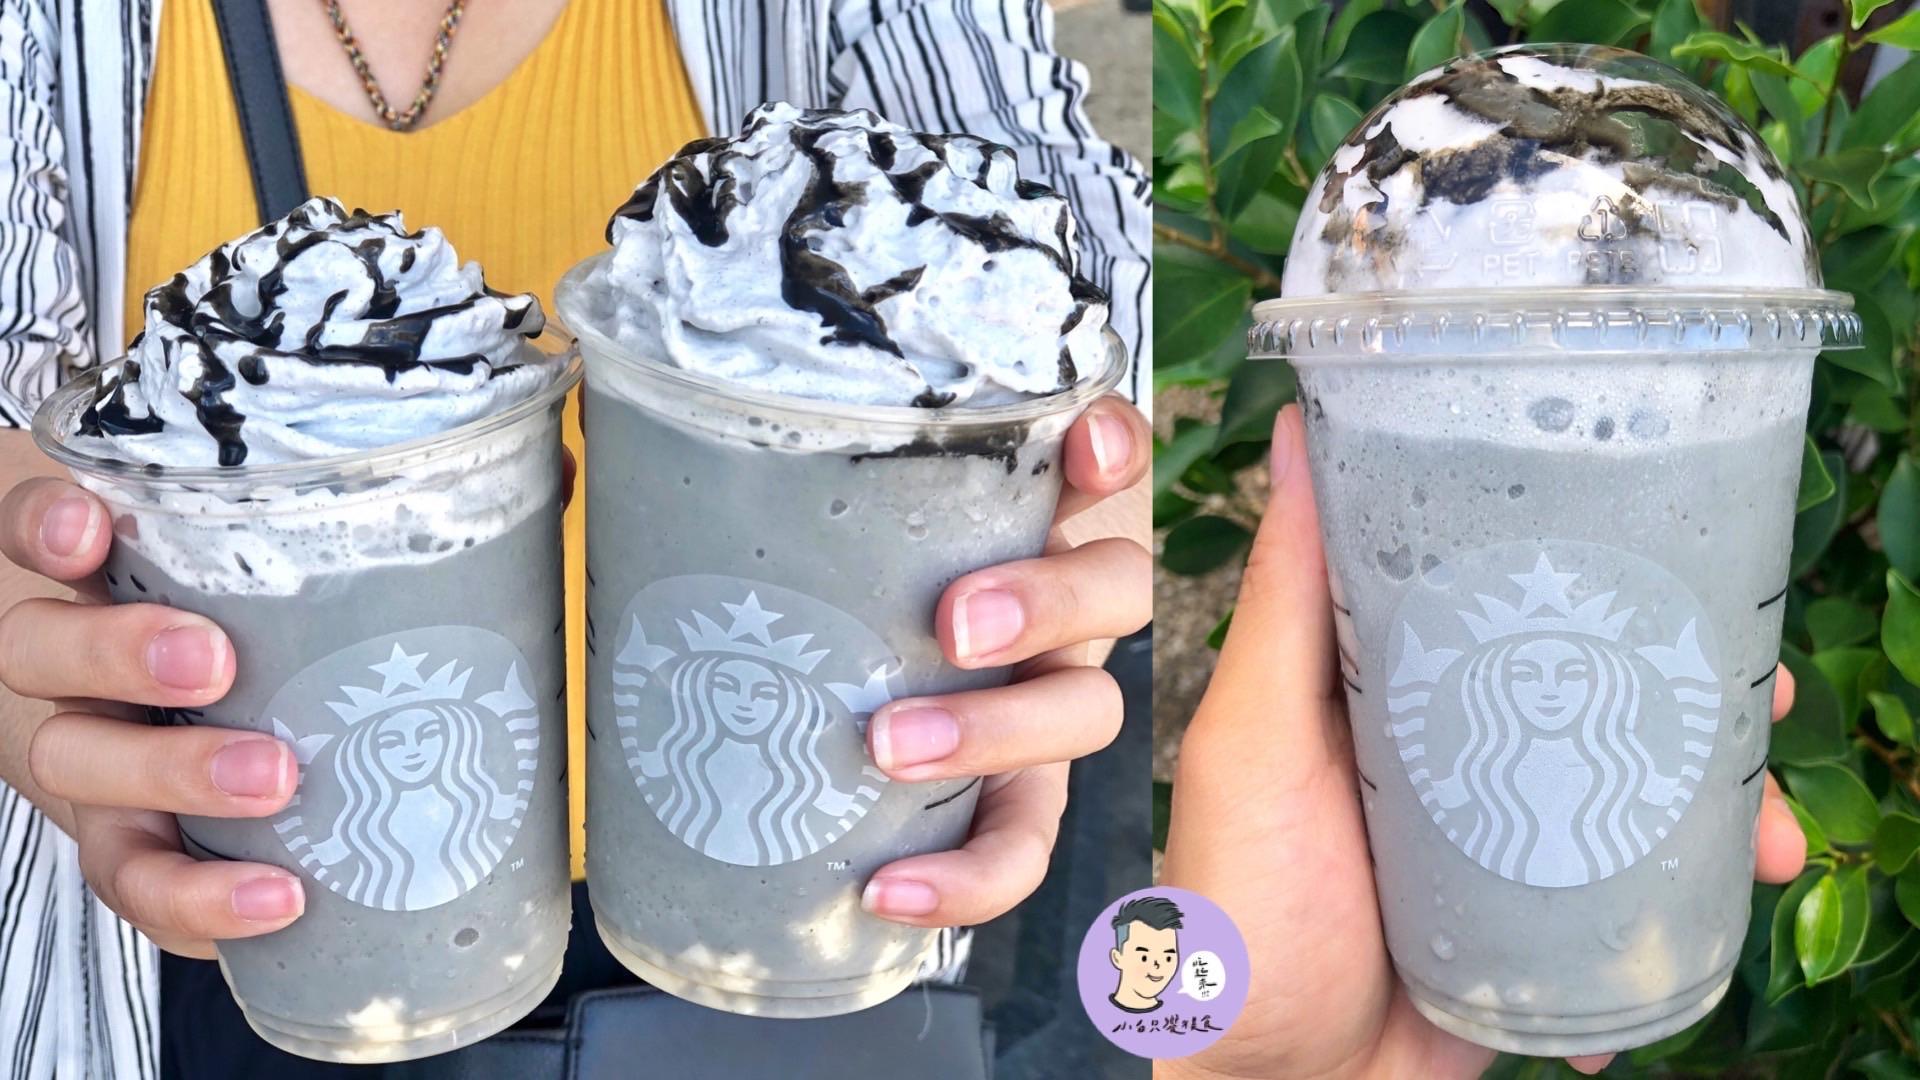 芝麻控快衝!星巴克推出「芝麻杏仁豆腐星冰樂」新口味 6月30號前限這4天有買一送一 星巴克|咖啡|咖啡店